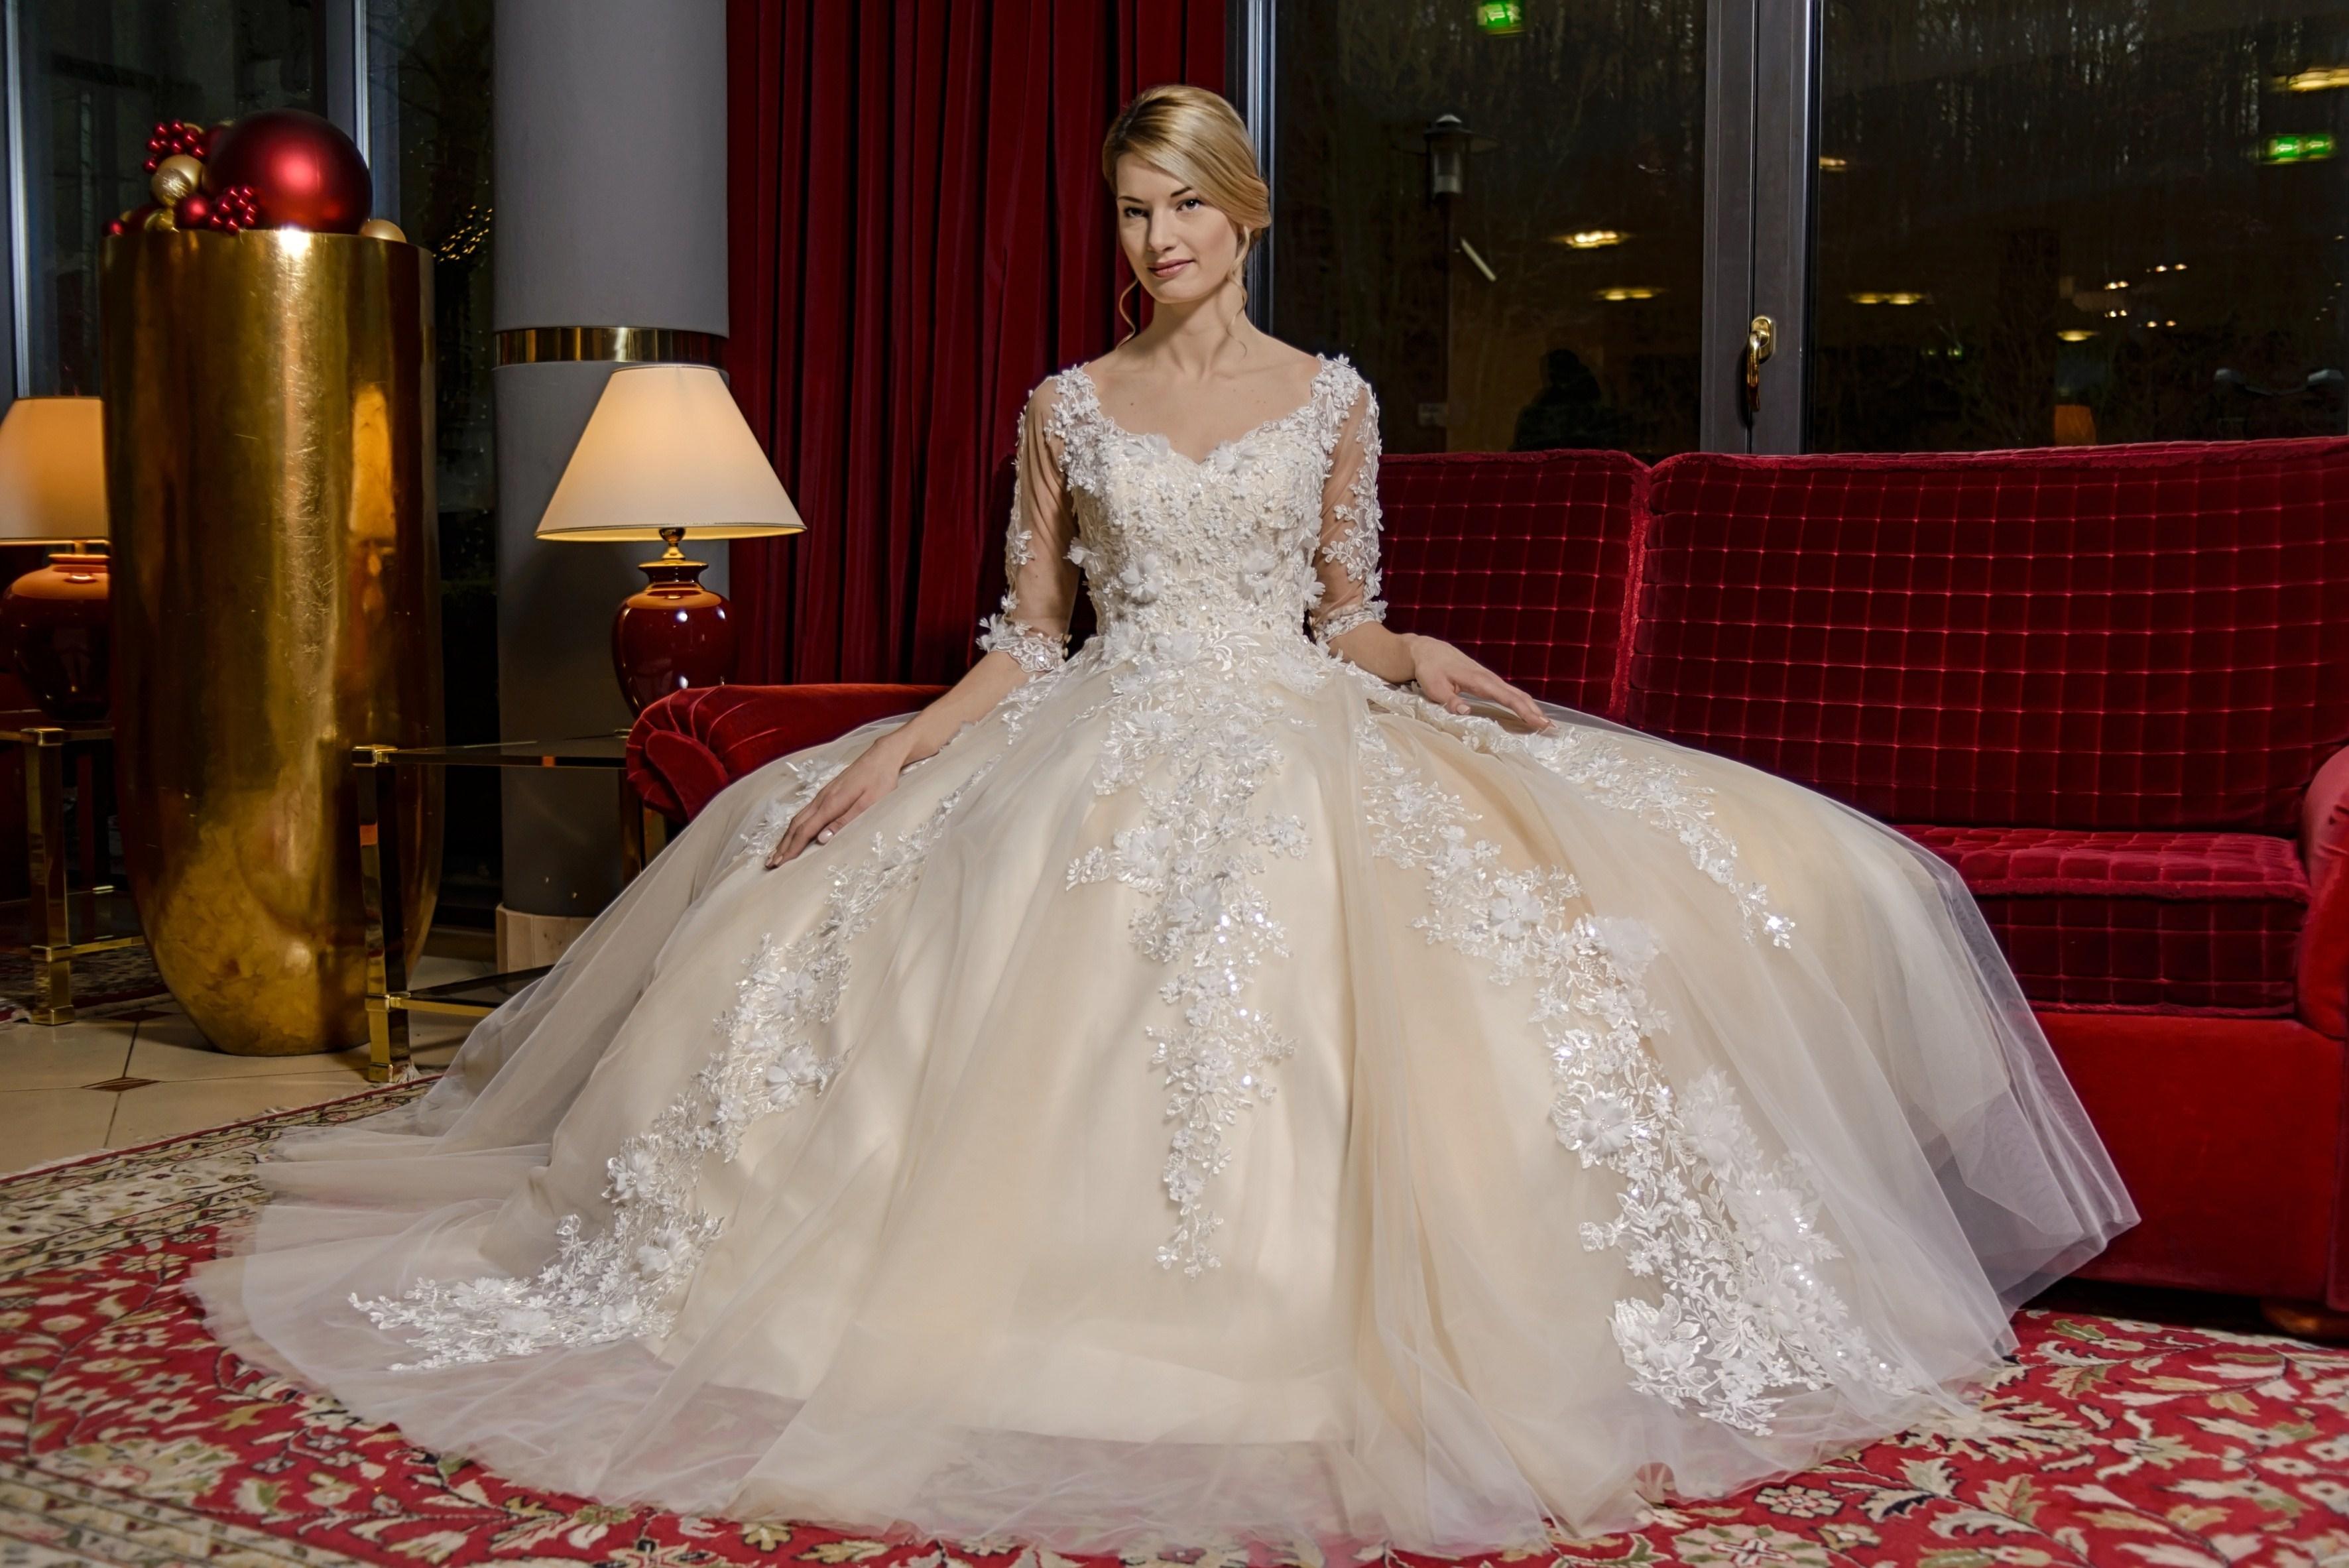 Ungewöhnlich Prom Anzüge Verleih Galerie - Hochzeit Kleid Stile ...